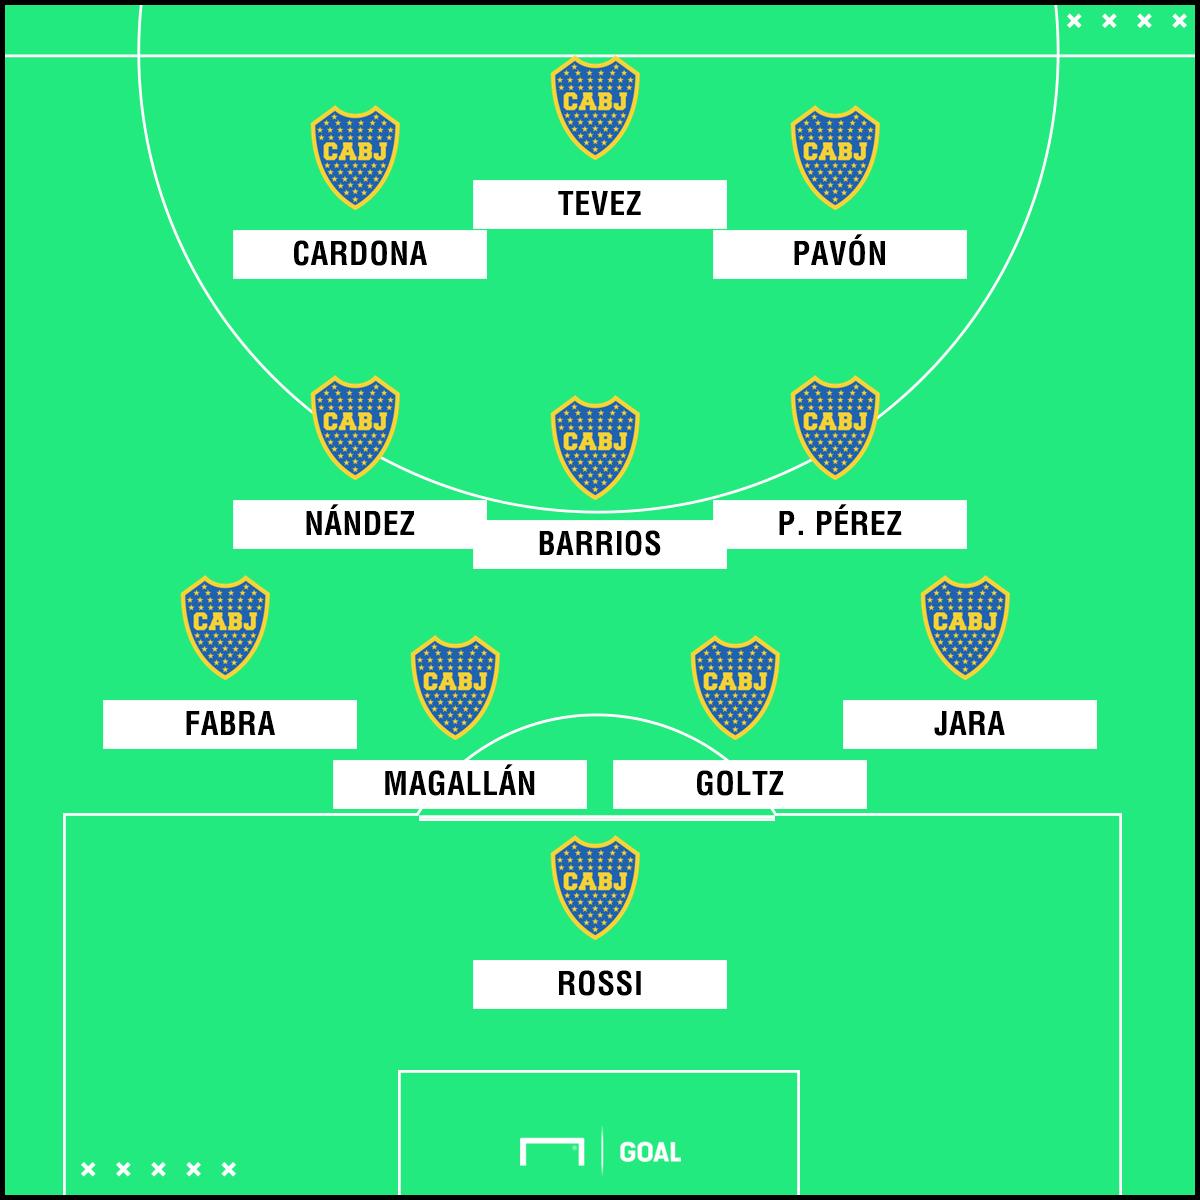 GFX Formacion Boca Supercopa Argentina